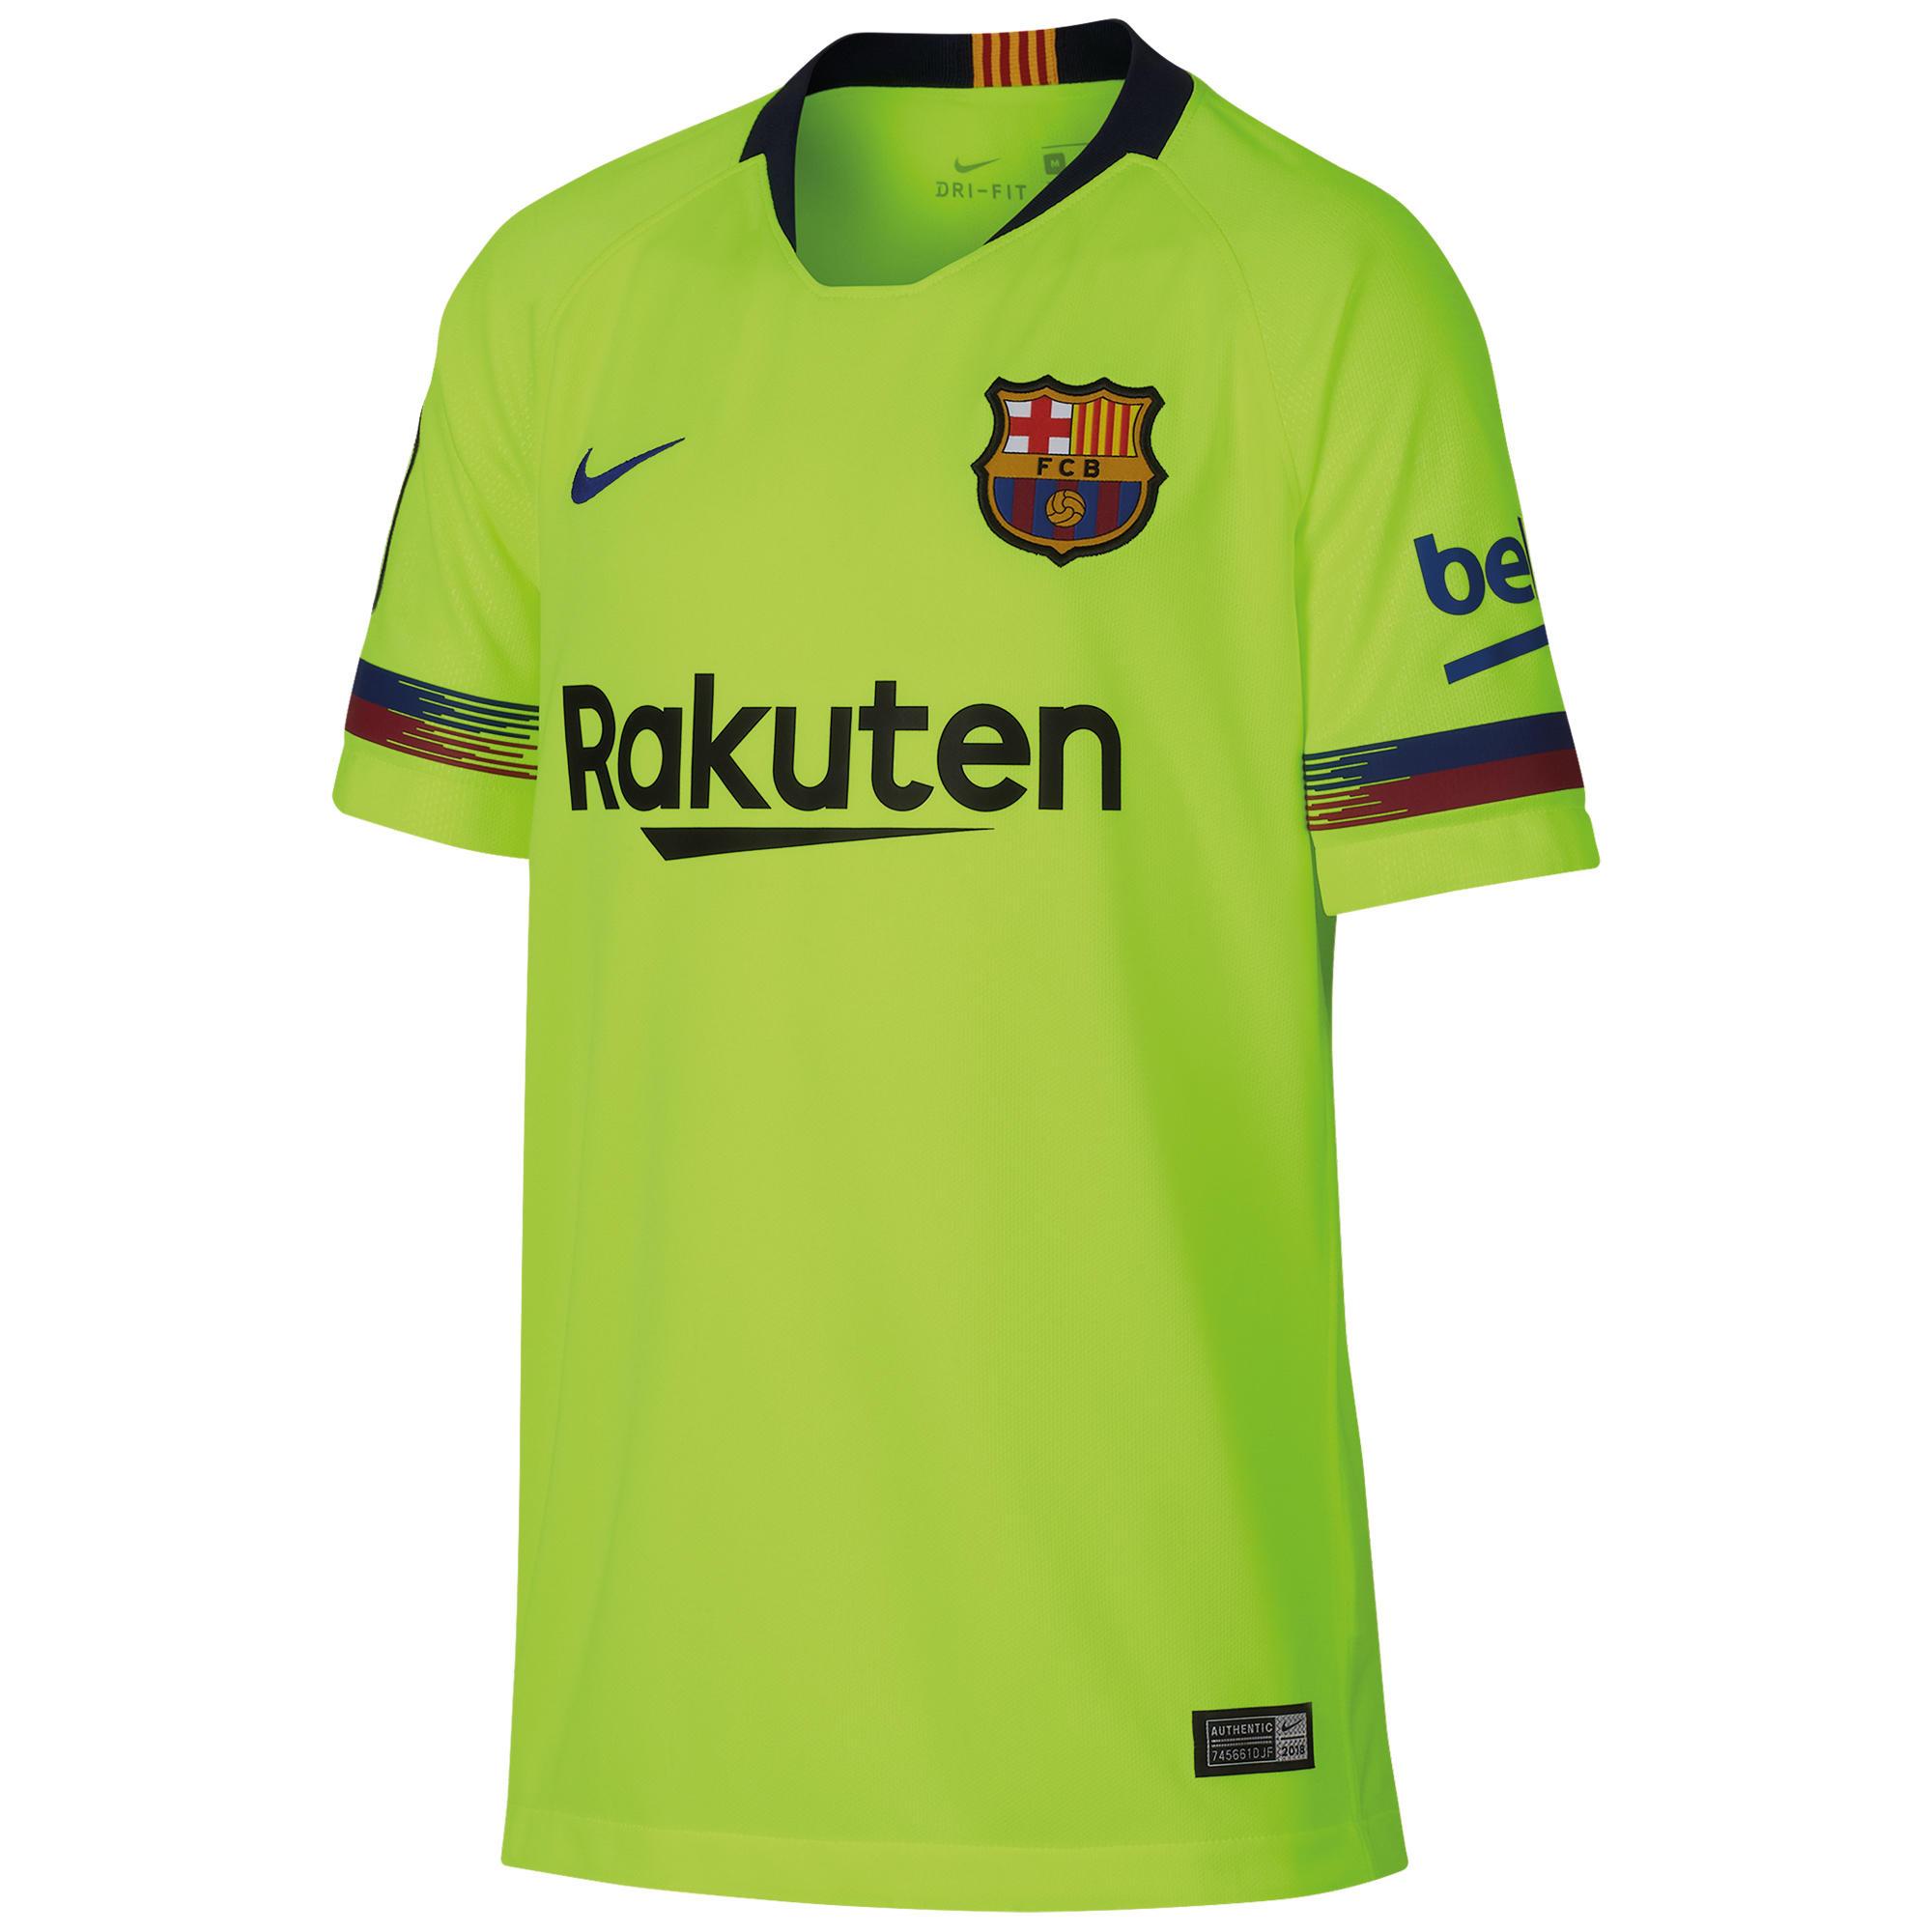 422da718108 Equipación y Camiseta Oficial F.C. Barcelona 18/19   Decathlon